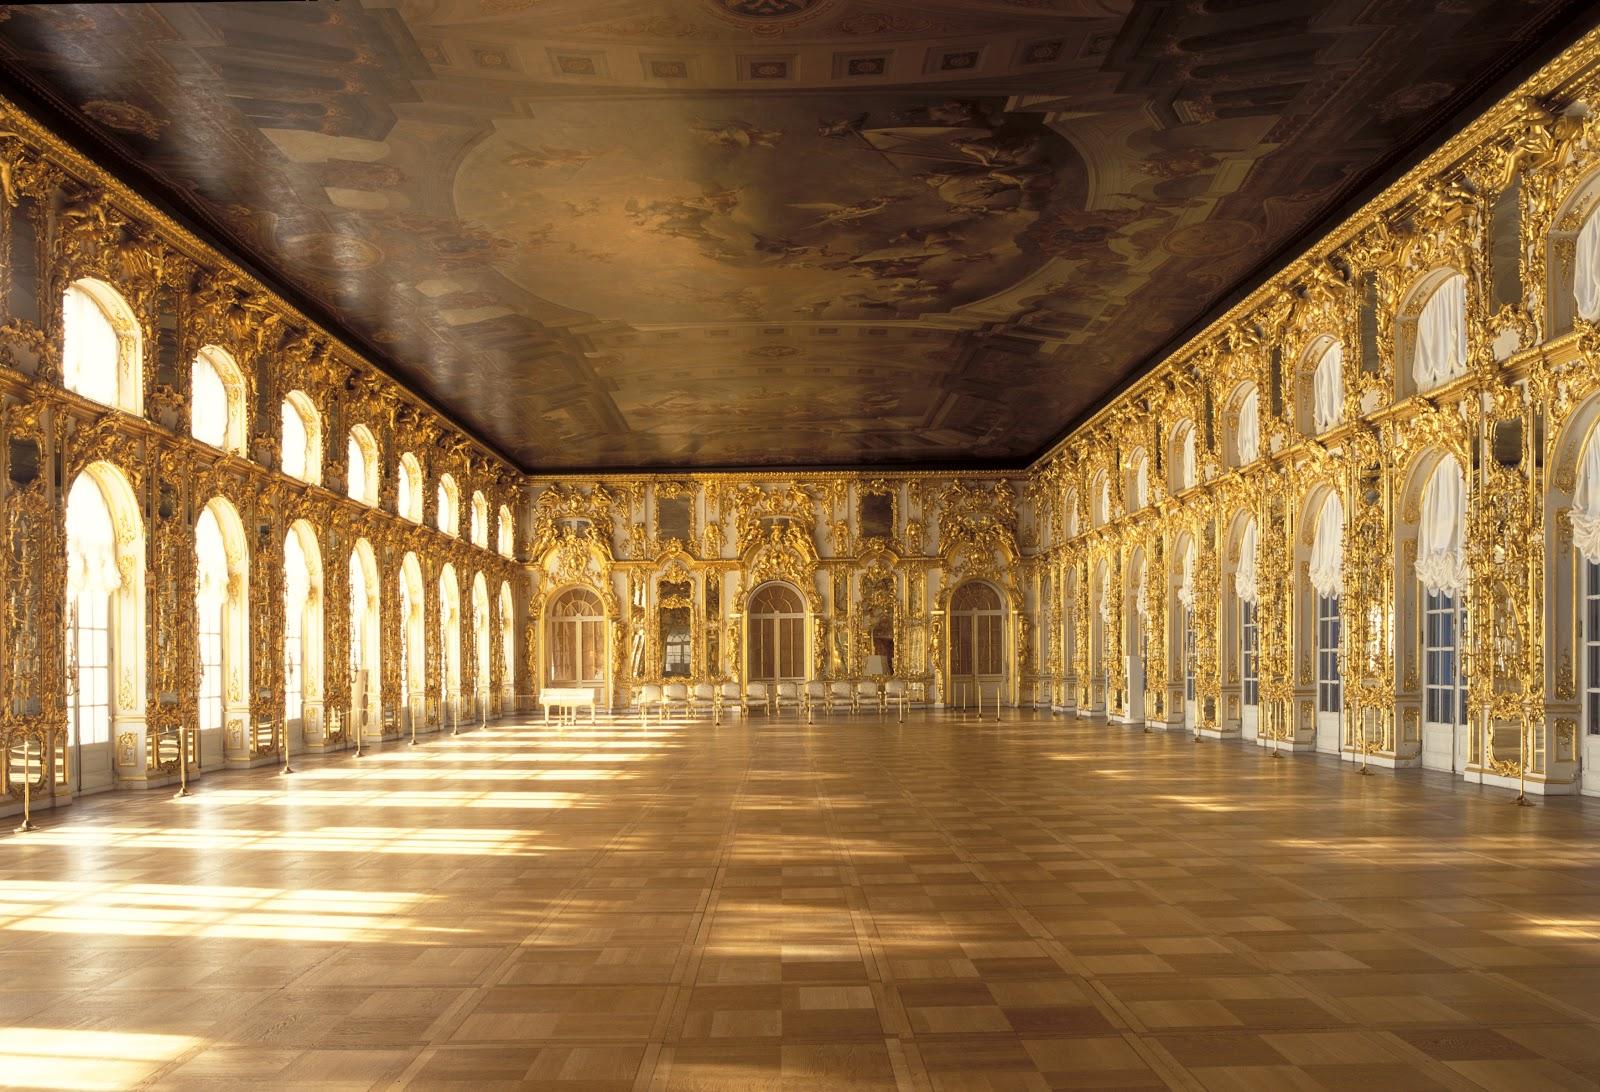 царское село екатерининский дворец большой зал